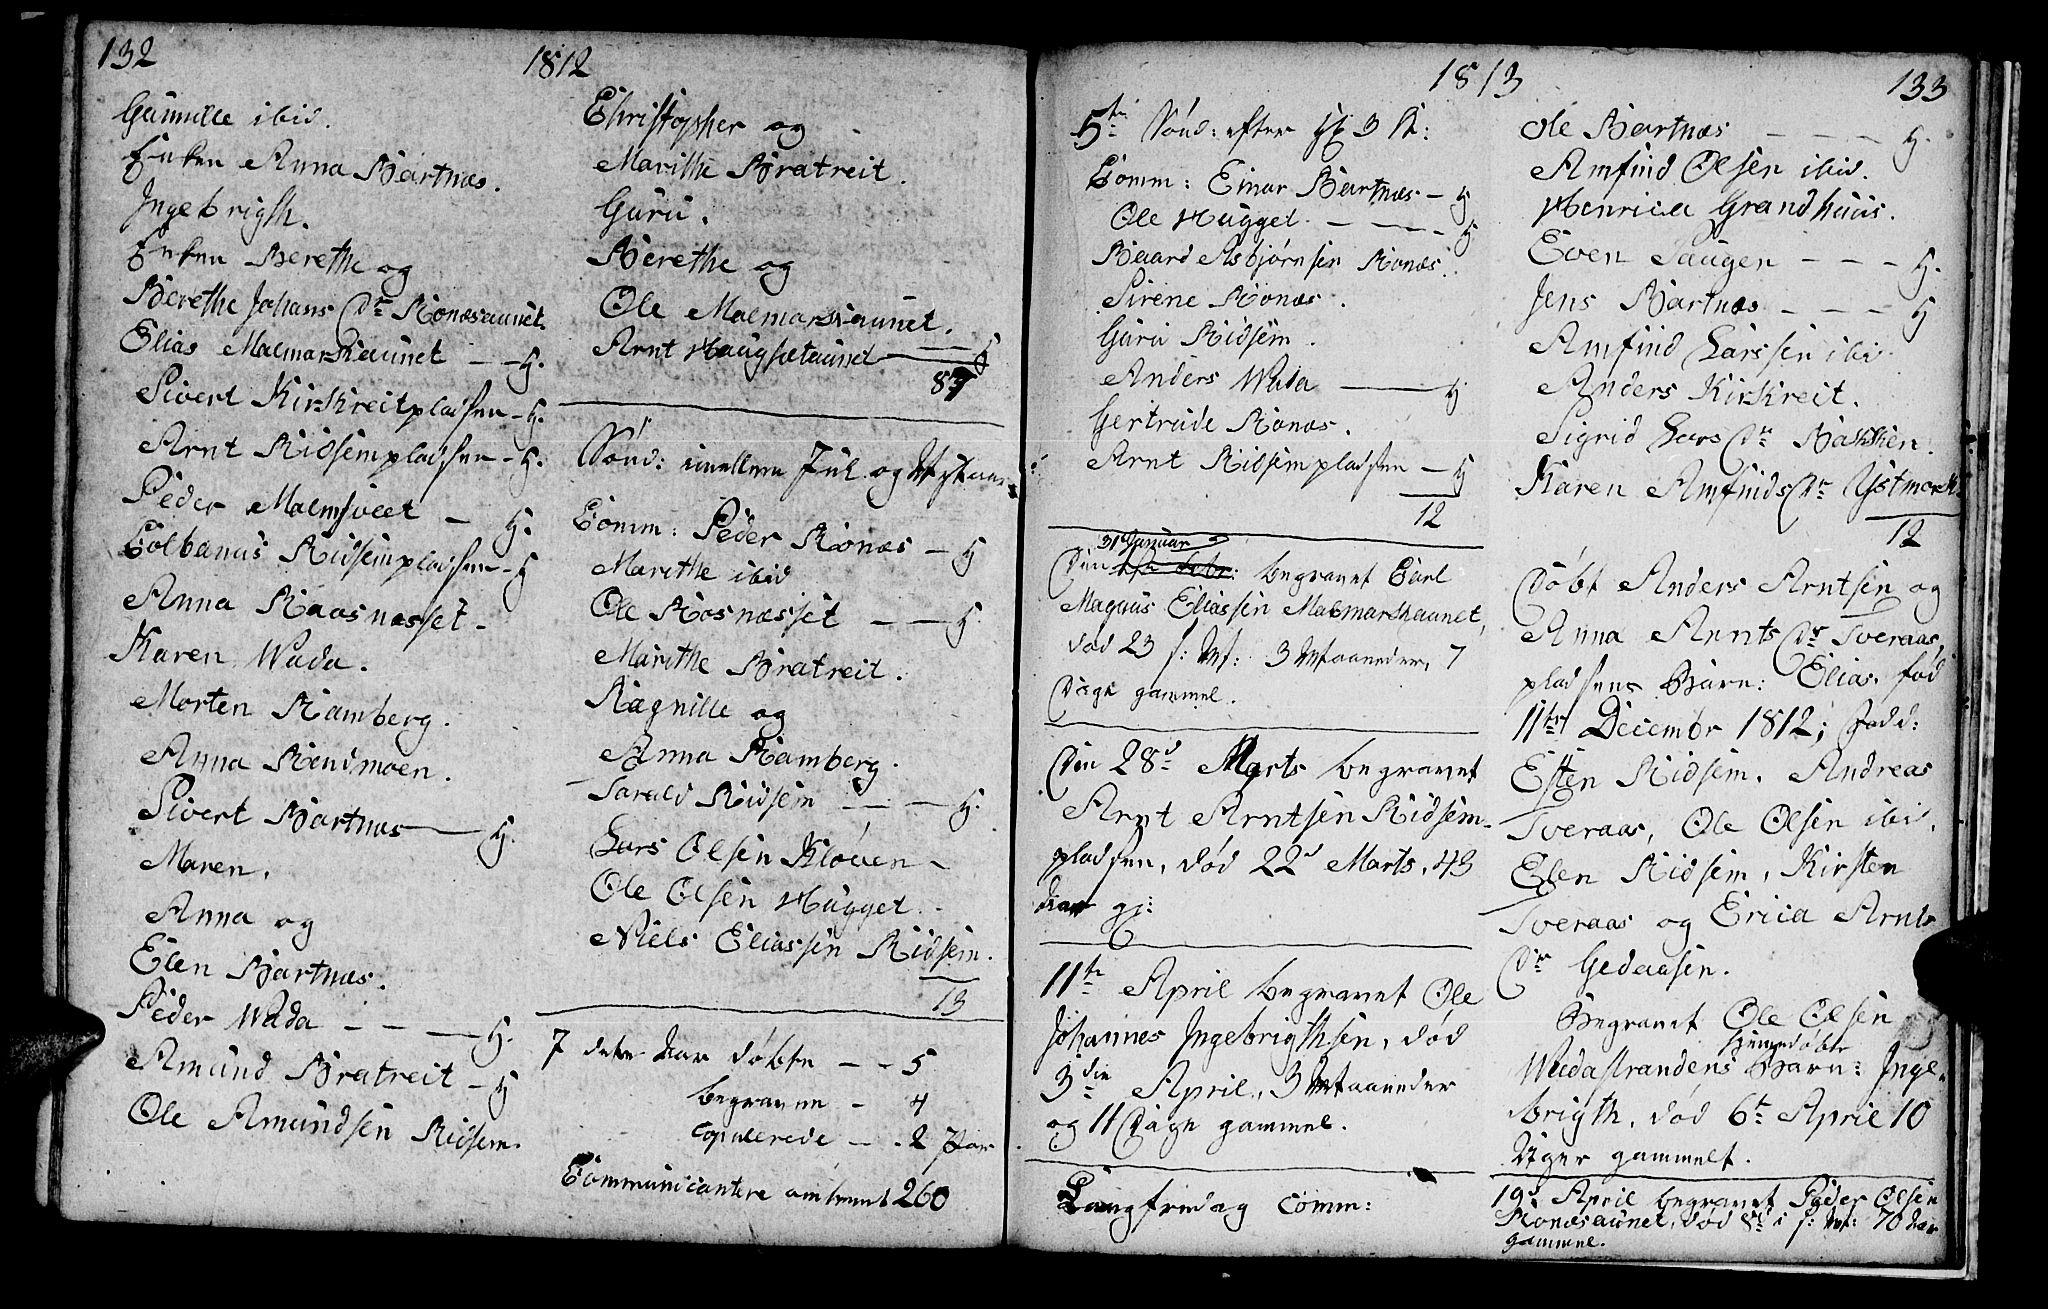 SAT, Ministerialprotokoller, klokkerbøker og fødselsregistre - Nord-Trøndelag, 745/L0432: Klokkerbok nr. 745C01, 1802-1814, s. 132-133